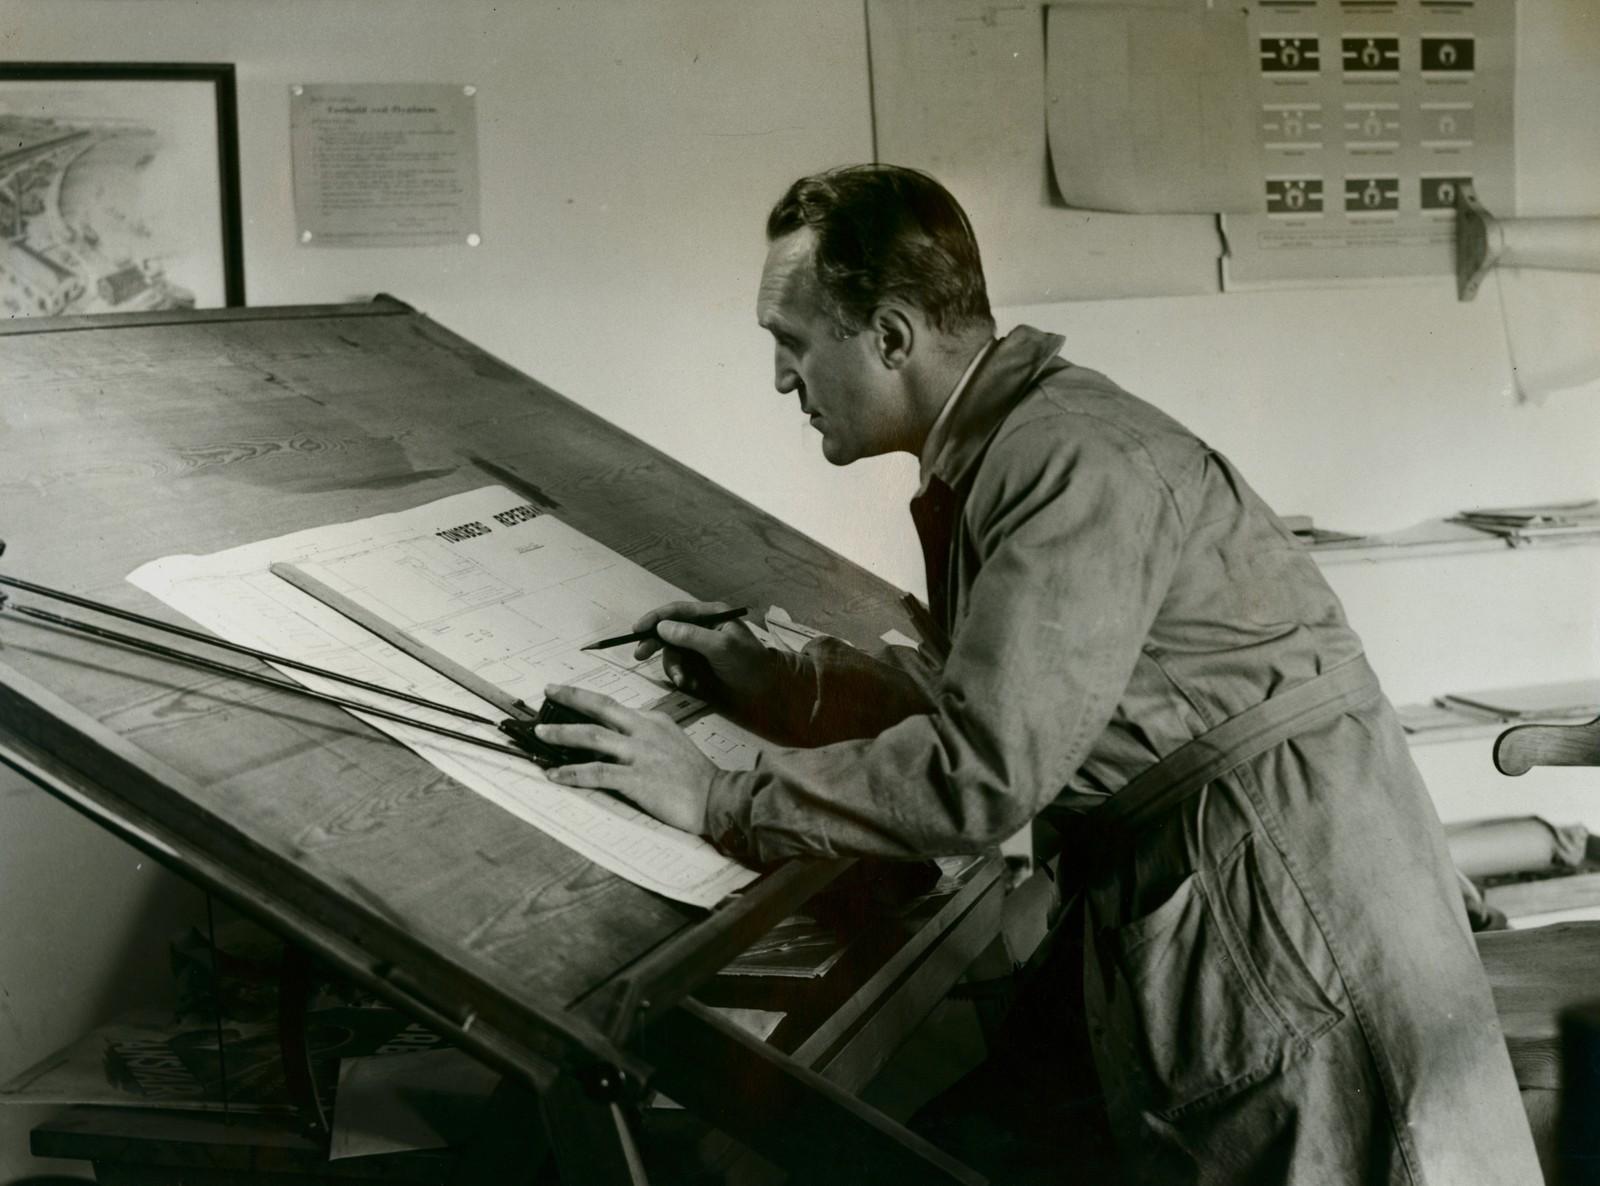 Ingeniør Schrøder ved tegnebrettet. Trolig 1947. Fotograf: Stage-Foto.